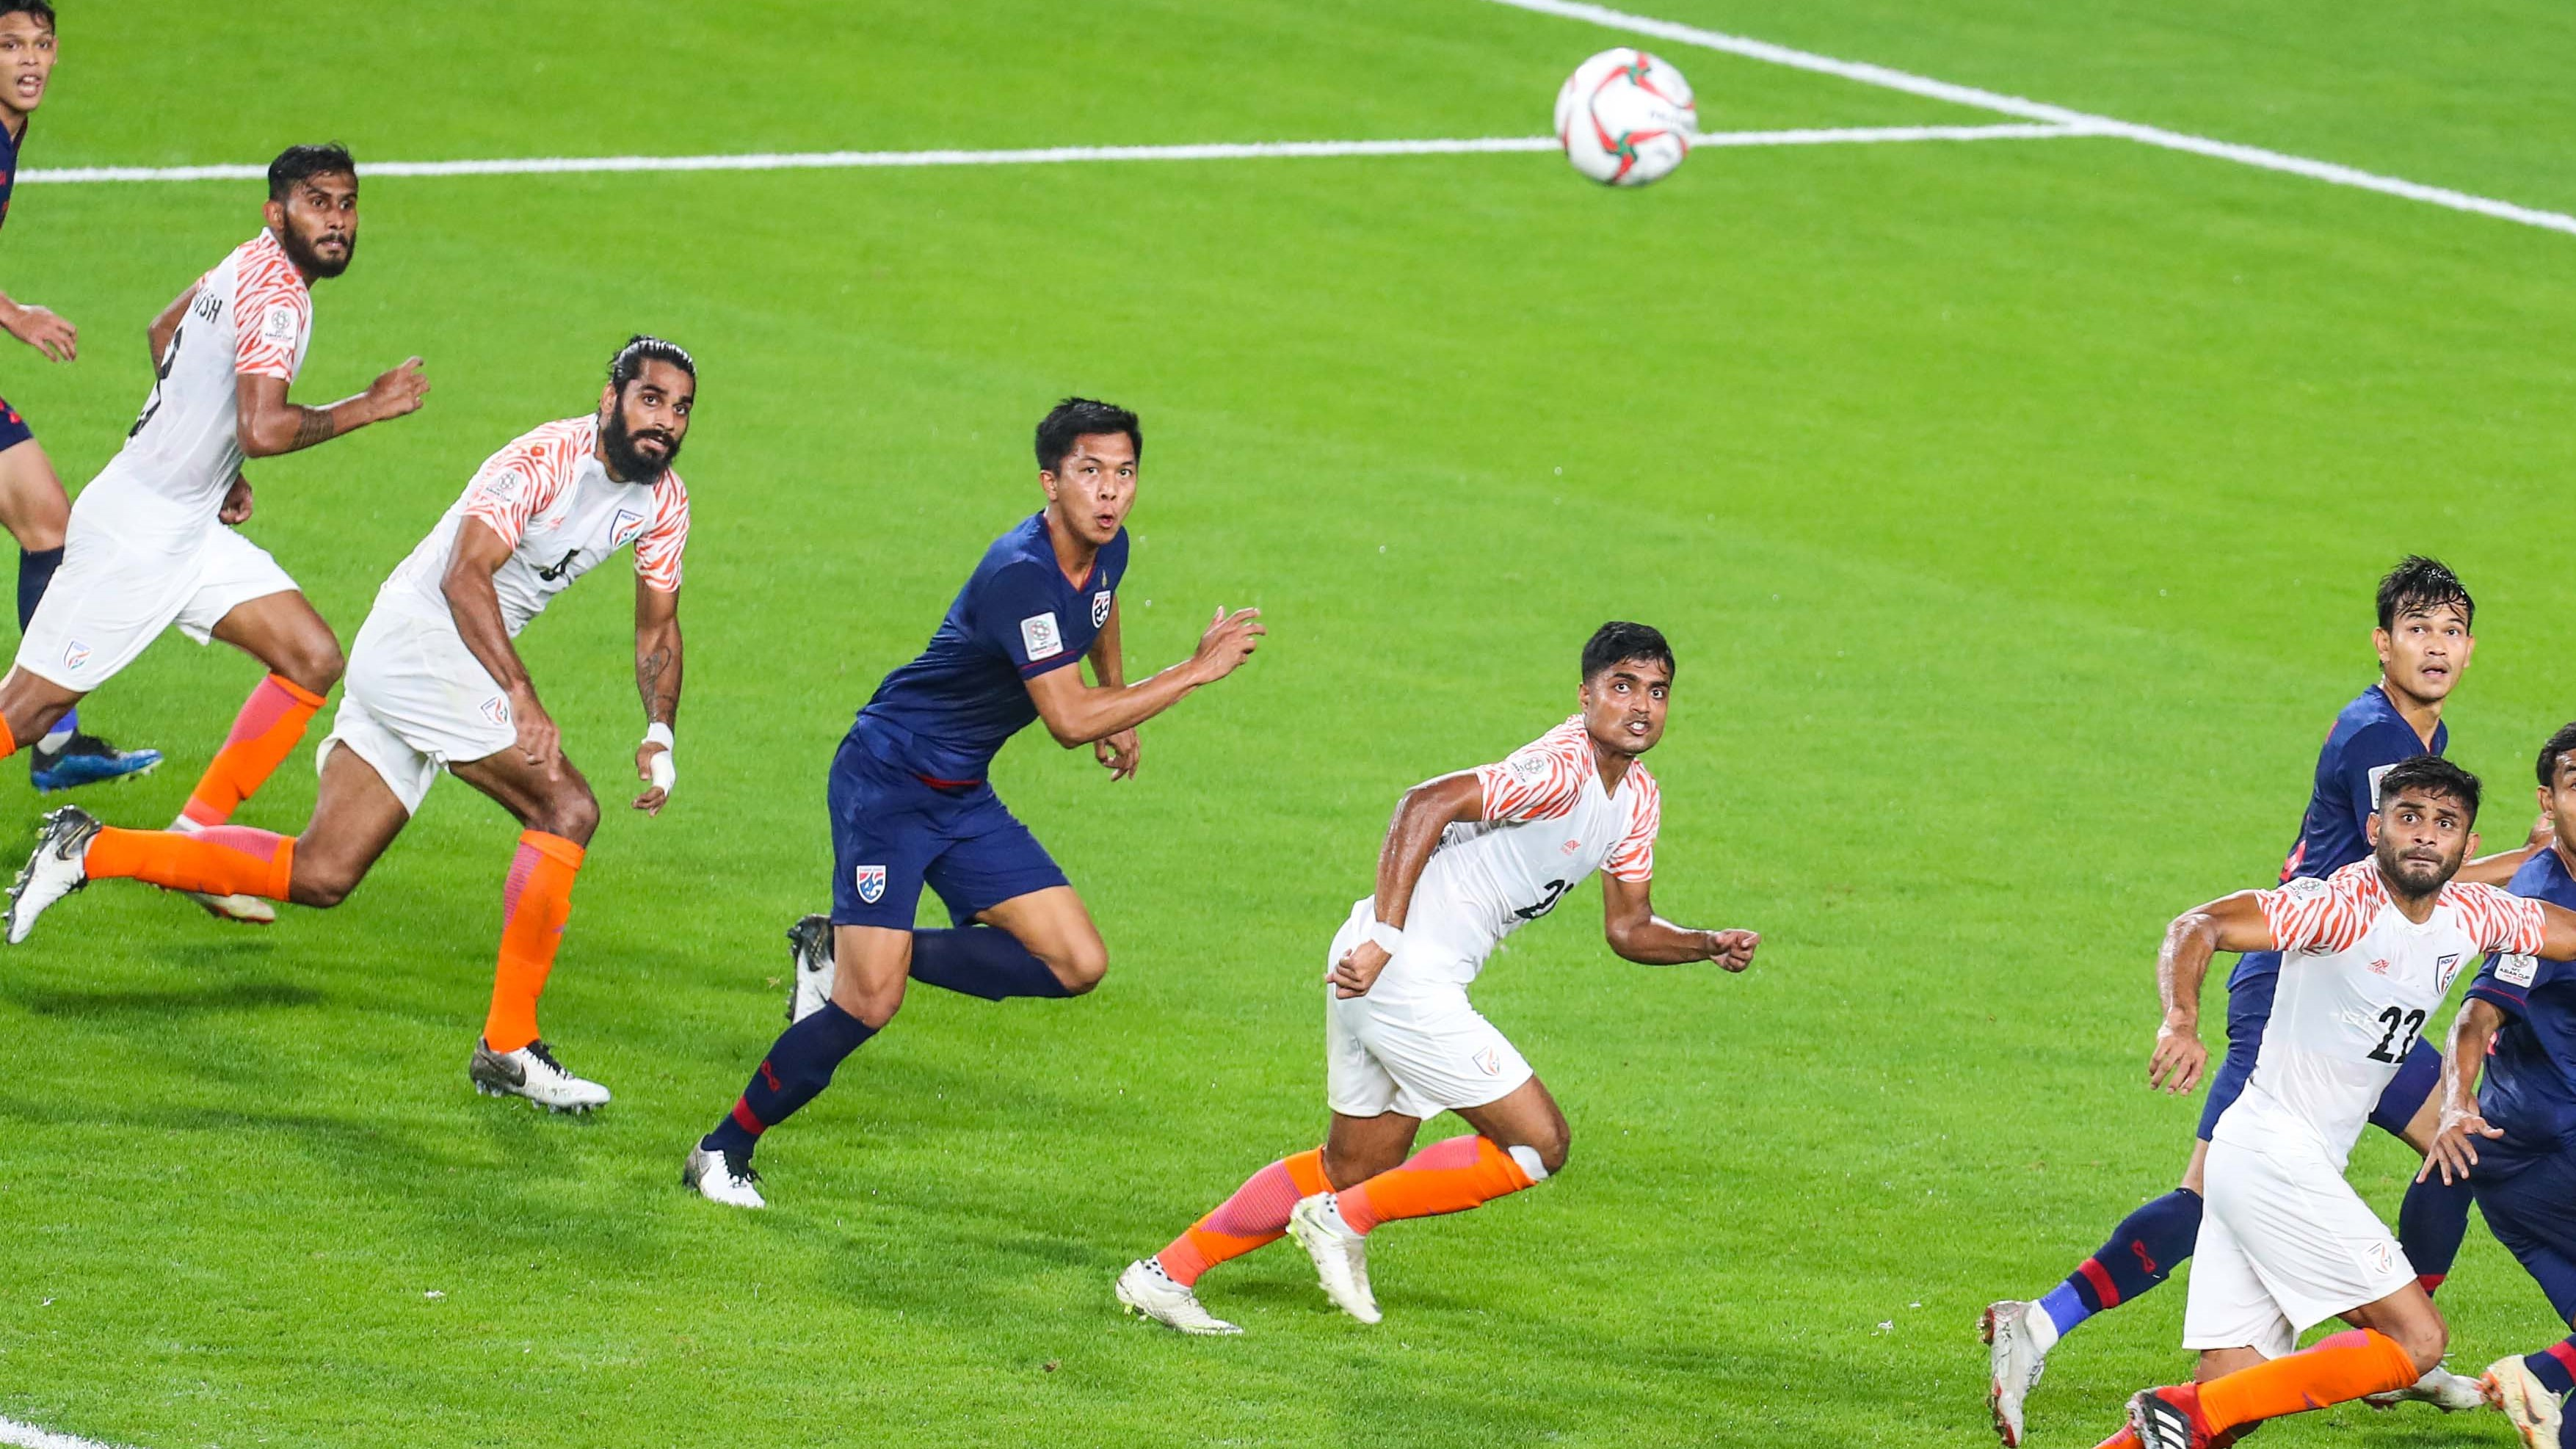 Kotal Jhingan Anas Bose Thailand India Asian Cup 2019